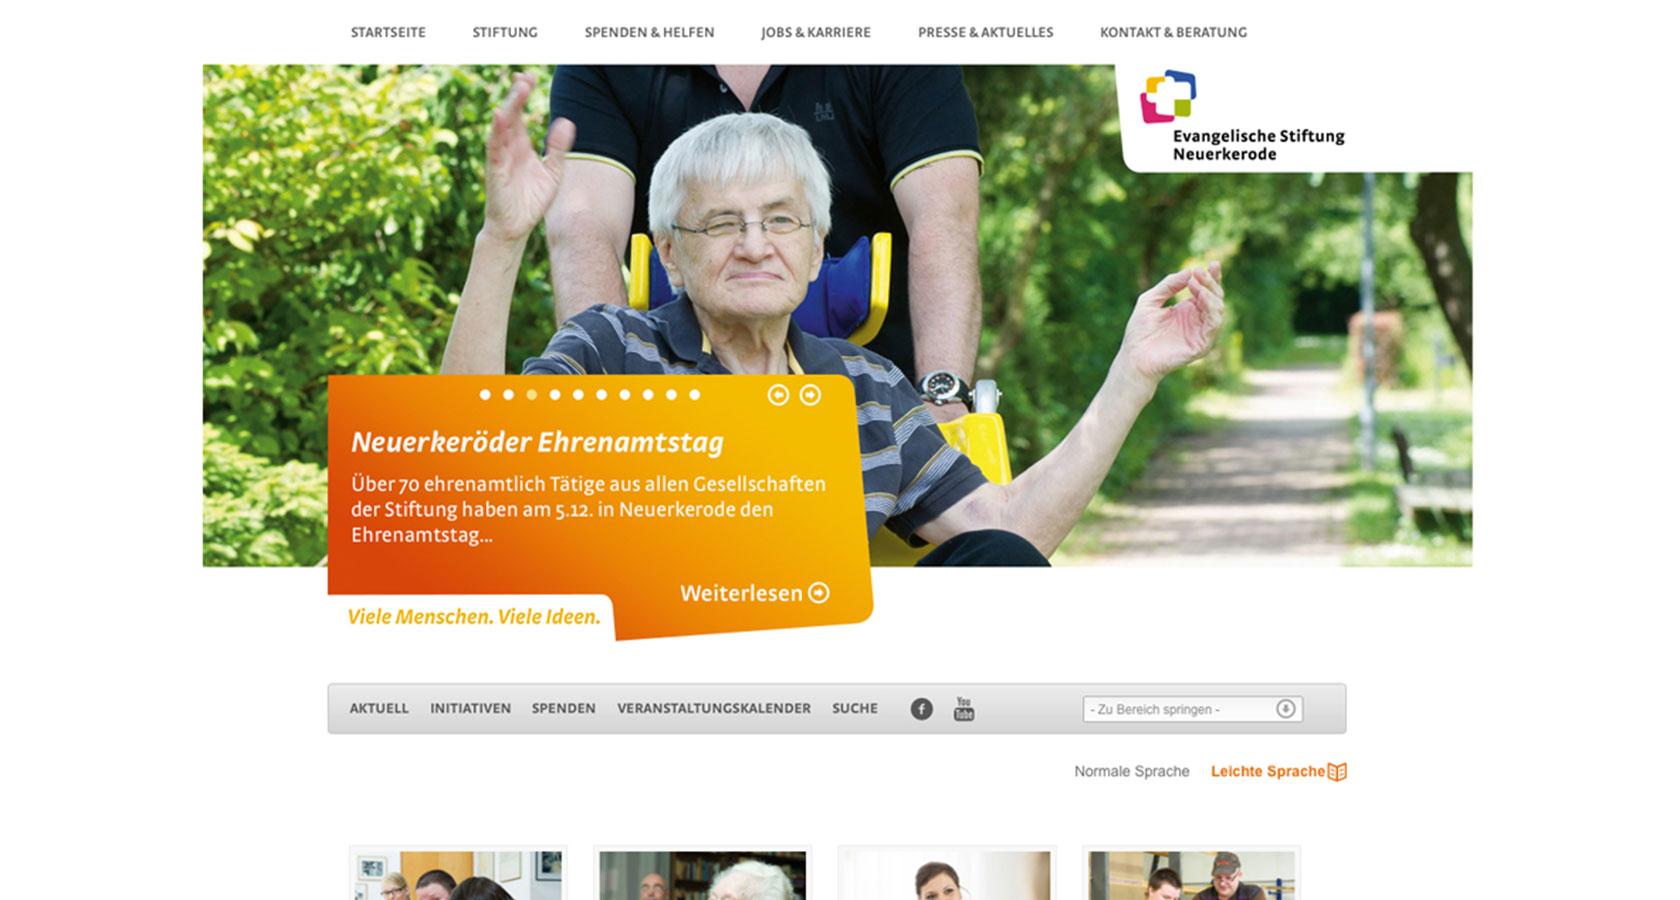 Screenshot der Startseite vom Internetauftritt der Evangelischen Stiftung Neuerkerode